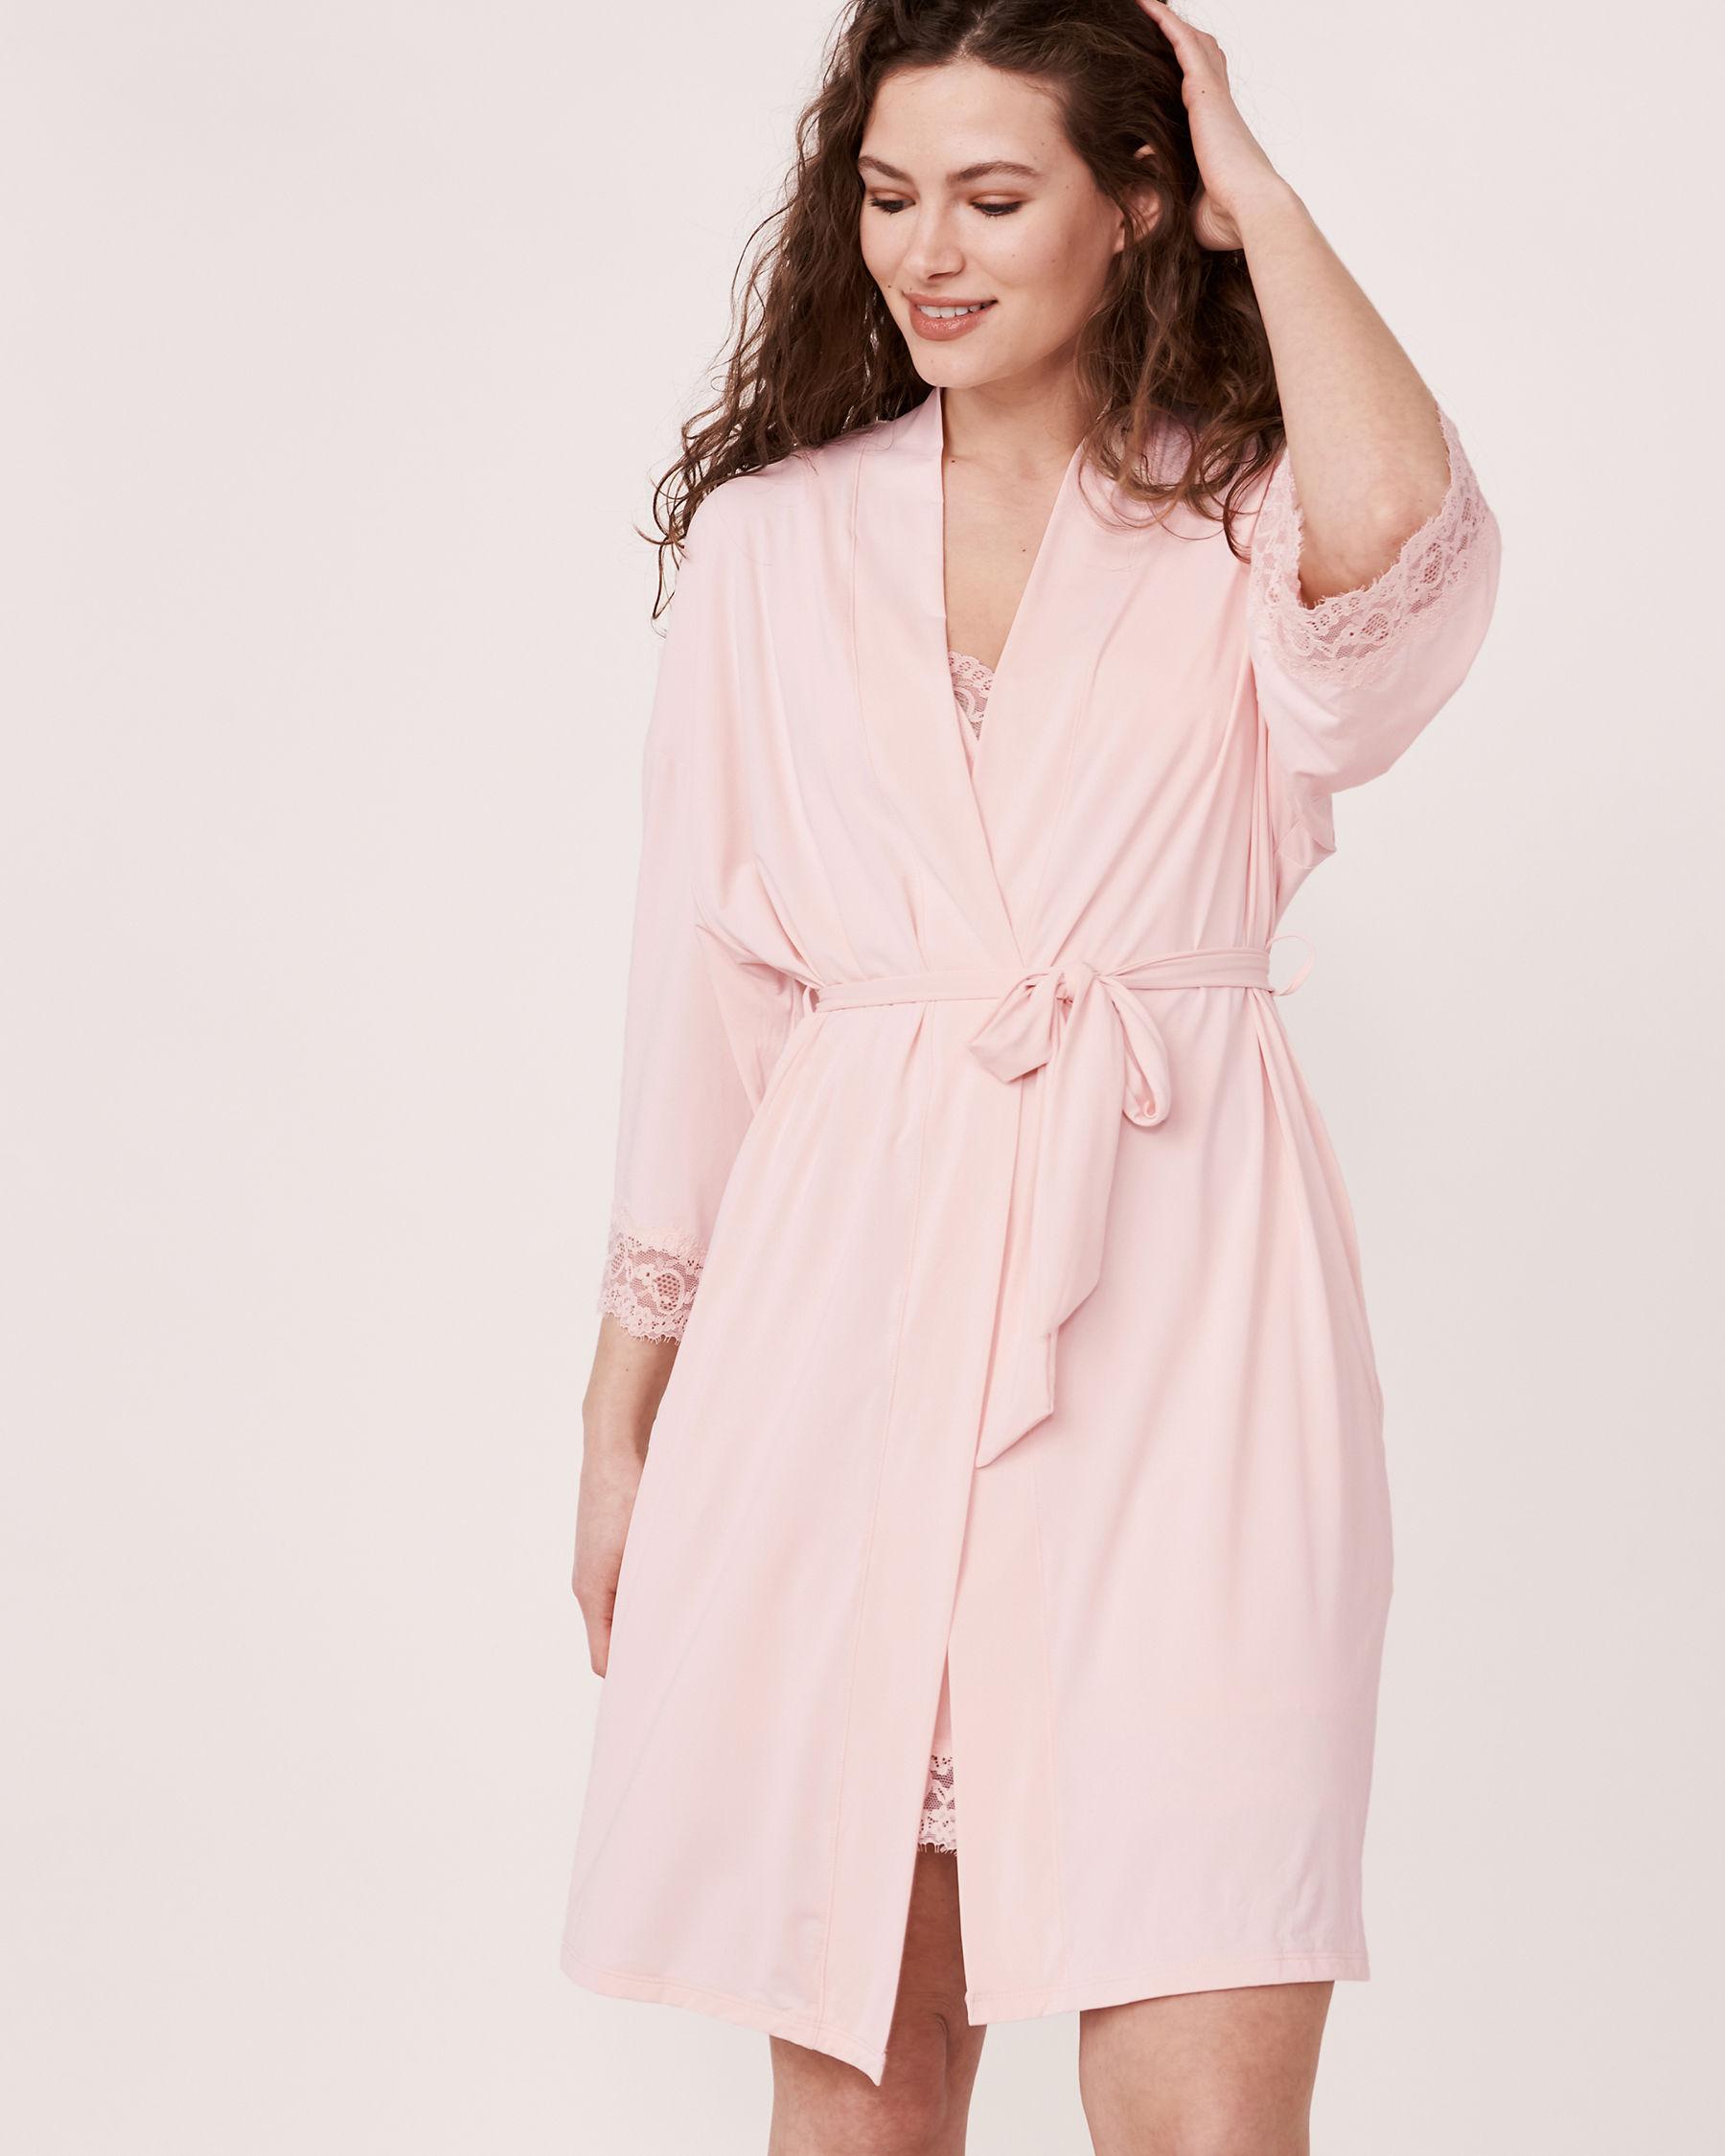 LA VIE EN ROSE Kimono garniture de dentelle Lilas pâle 60600001 - Voir1